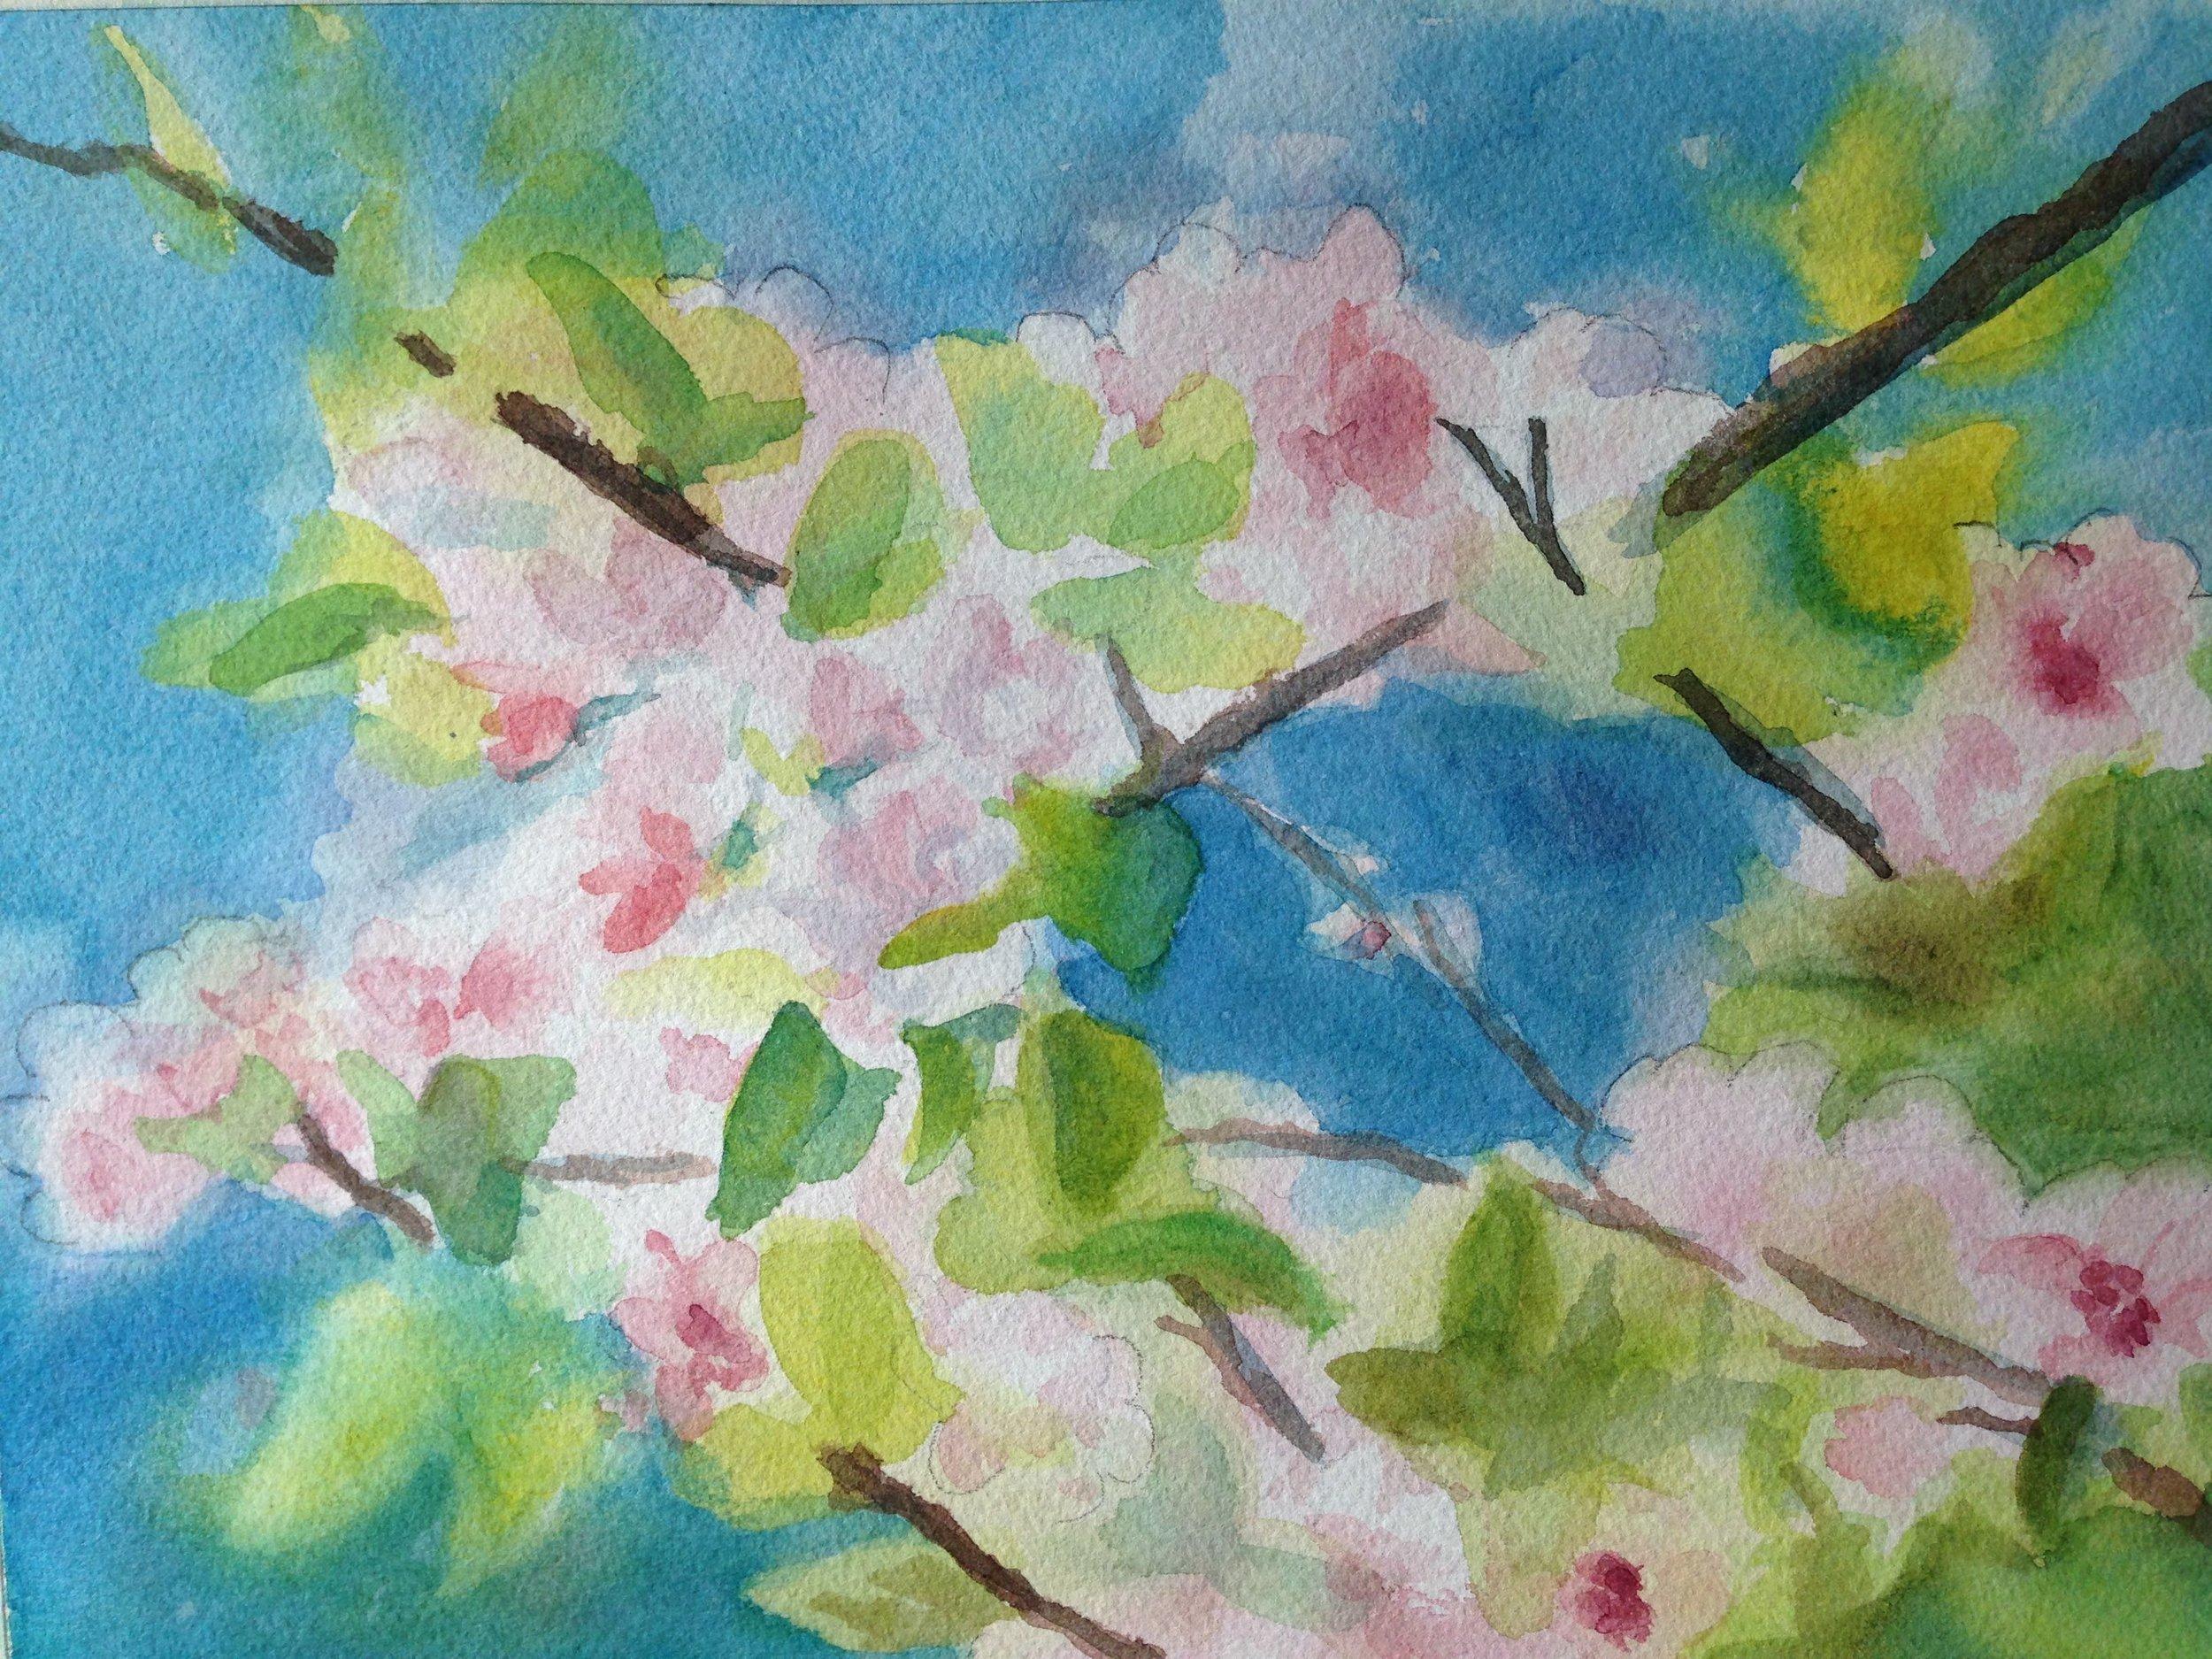 06 Watercolor 1